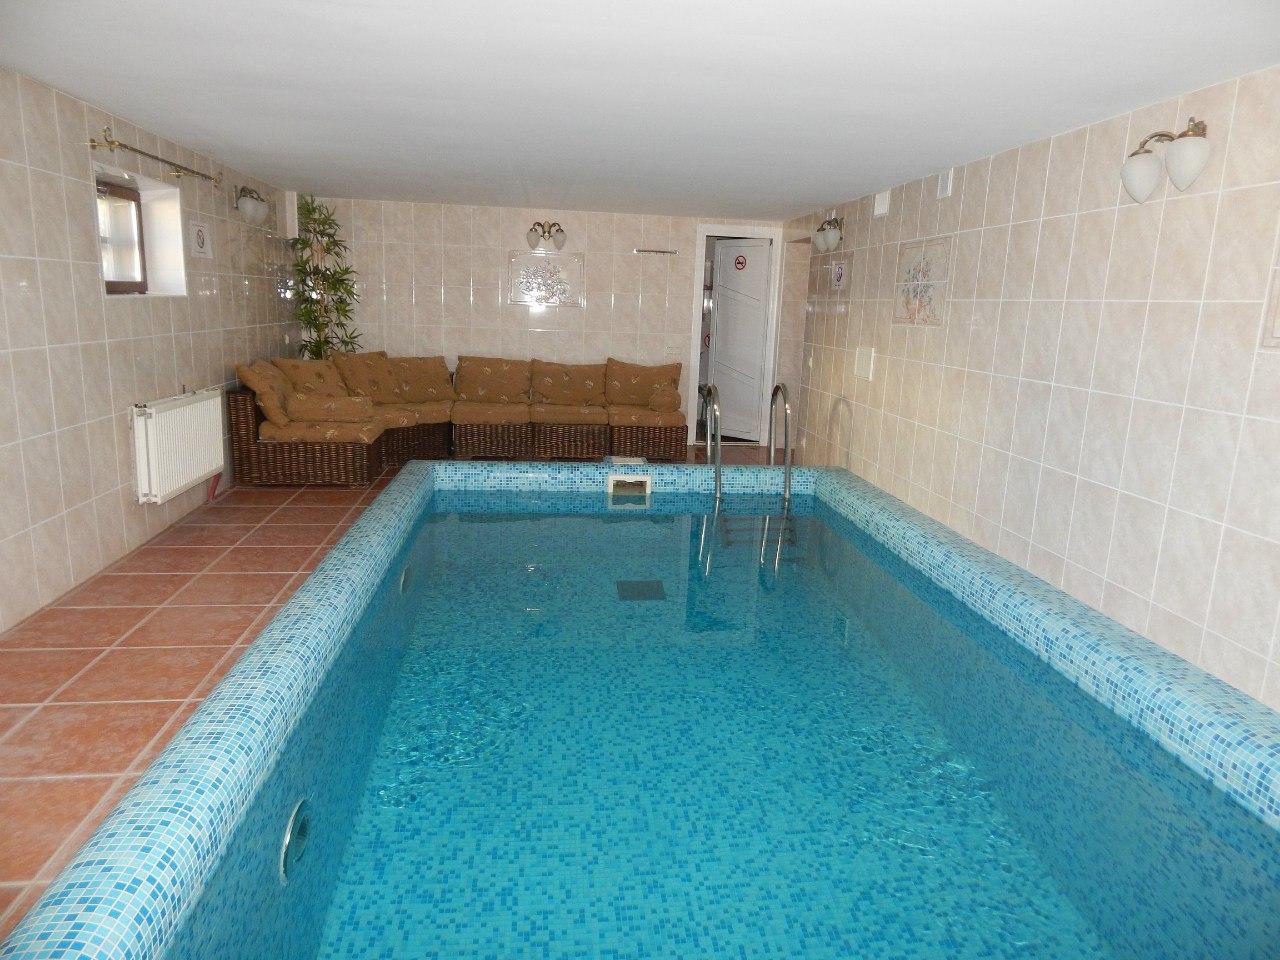 иркутск коттеджи бассейном юбилей на сутки фото несет ответственность